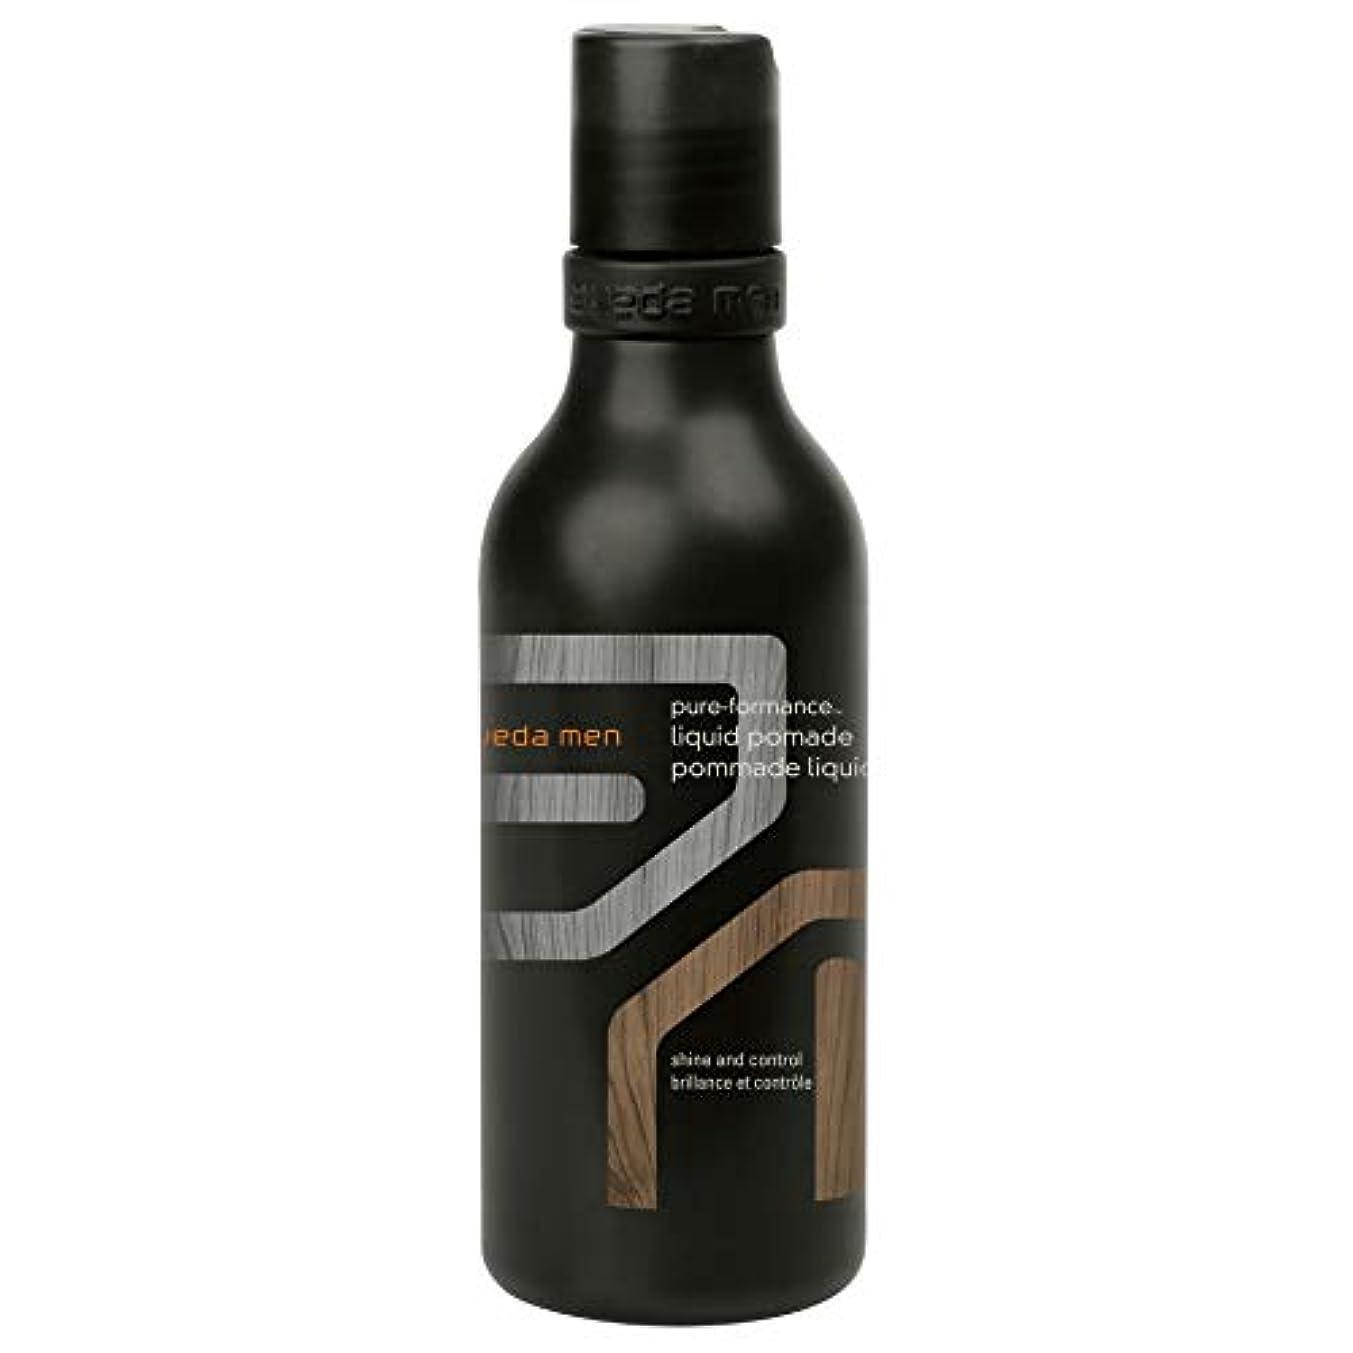 重要な走る印象派[AVEDA] アヴェダ男性の純粋な-Formance液体ポマードの200ミリリットル - Aveda Men Pure-Formance Liquid Pomade 200ml [並行輸入品]